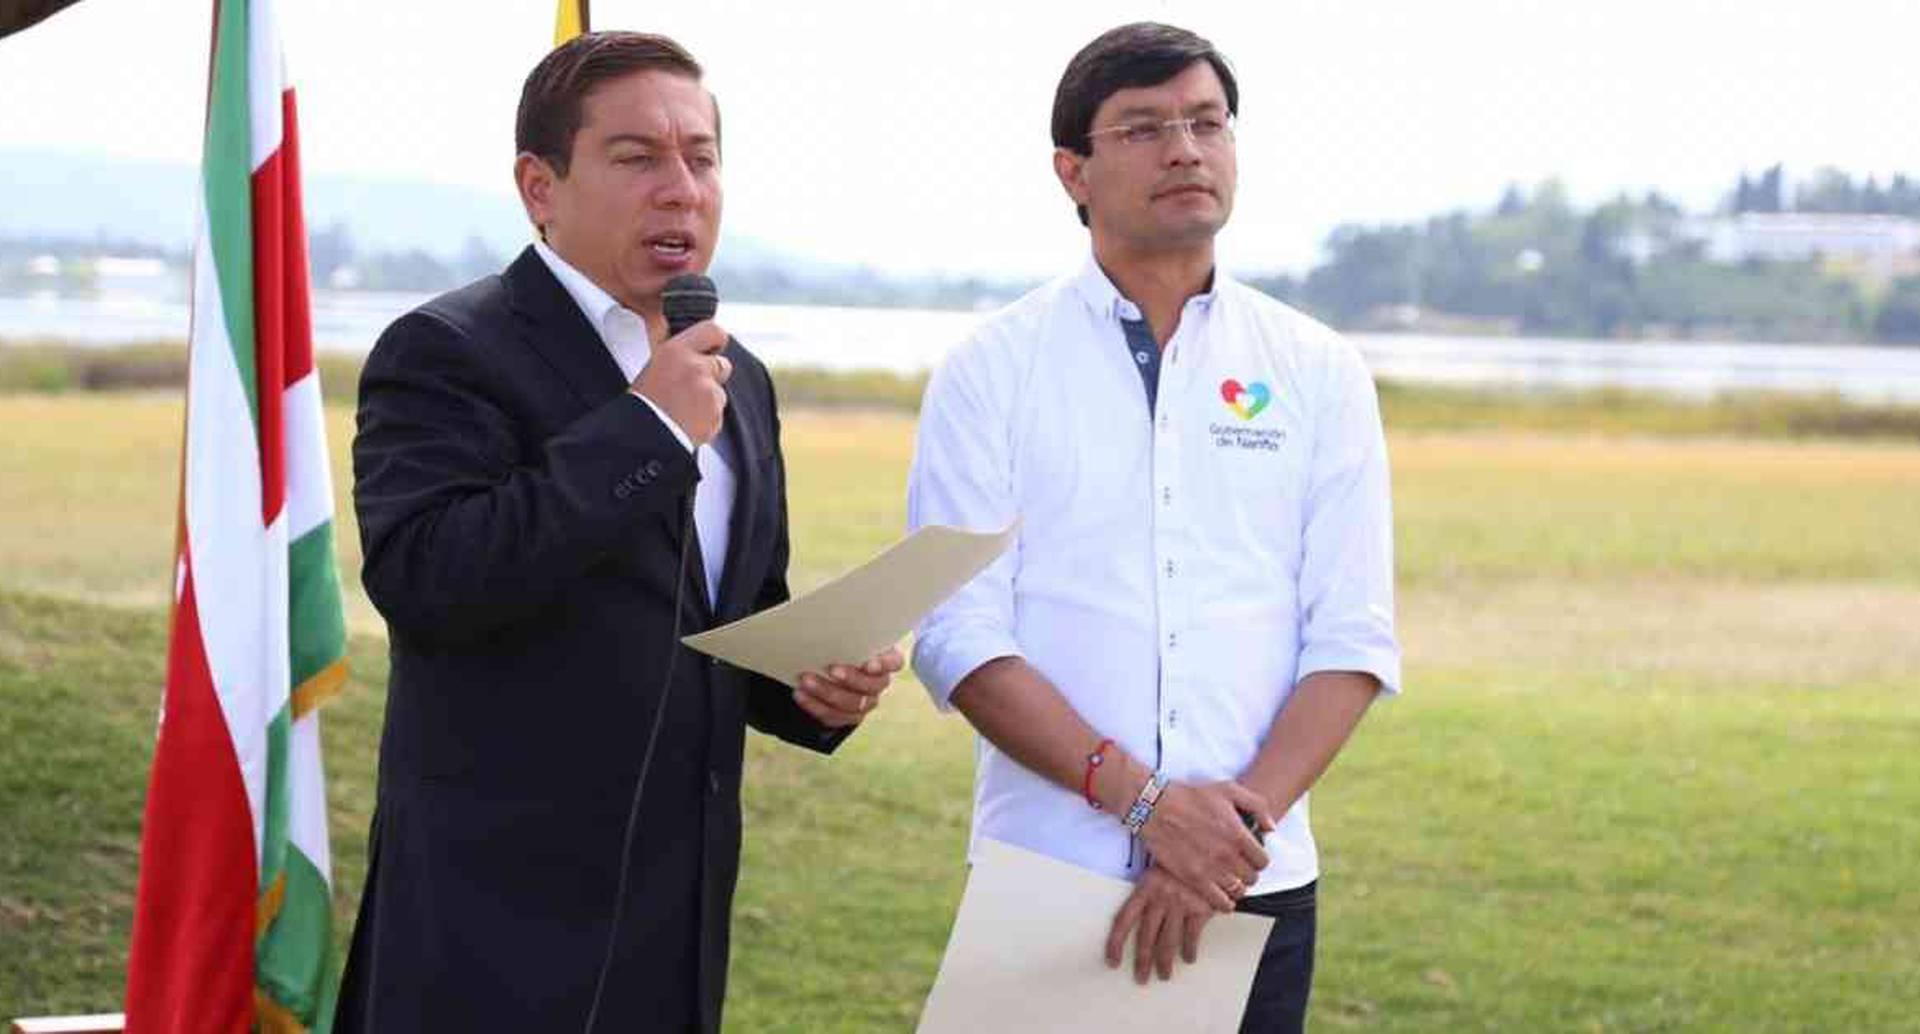 Los gobernadores de Boyacá, Carlos Amaya, y Nariño, Camilo Romero, firmaron un pacto en pro de proteger la naturaleza. Foto: Prensa-Gobernación de Boyacá